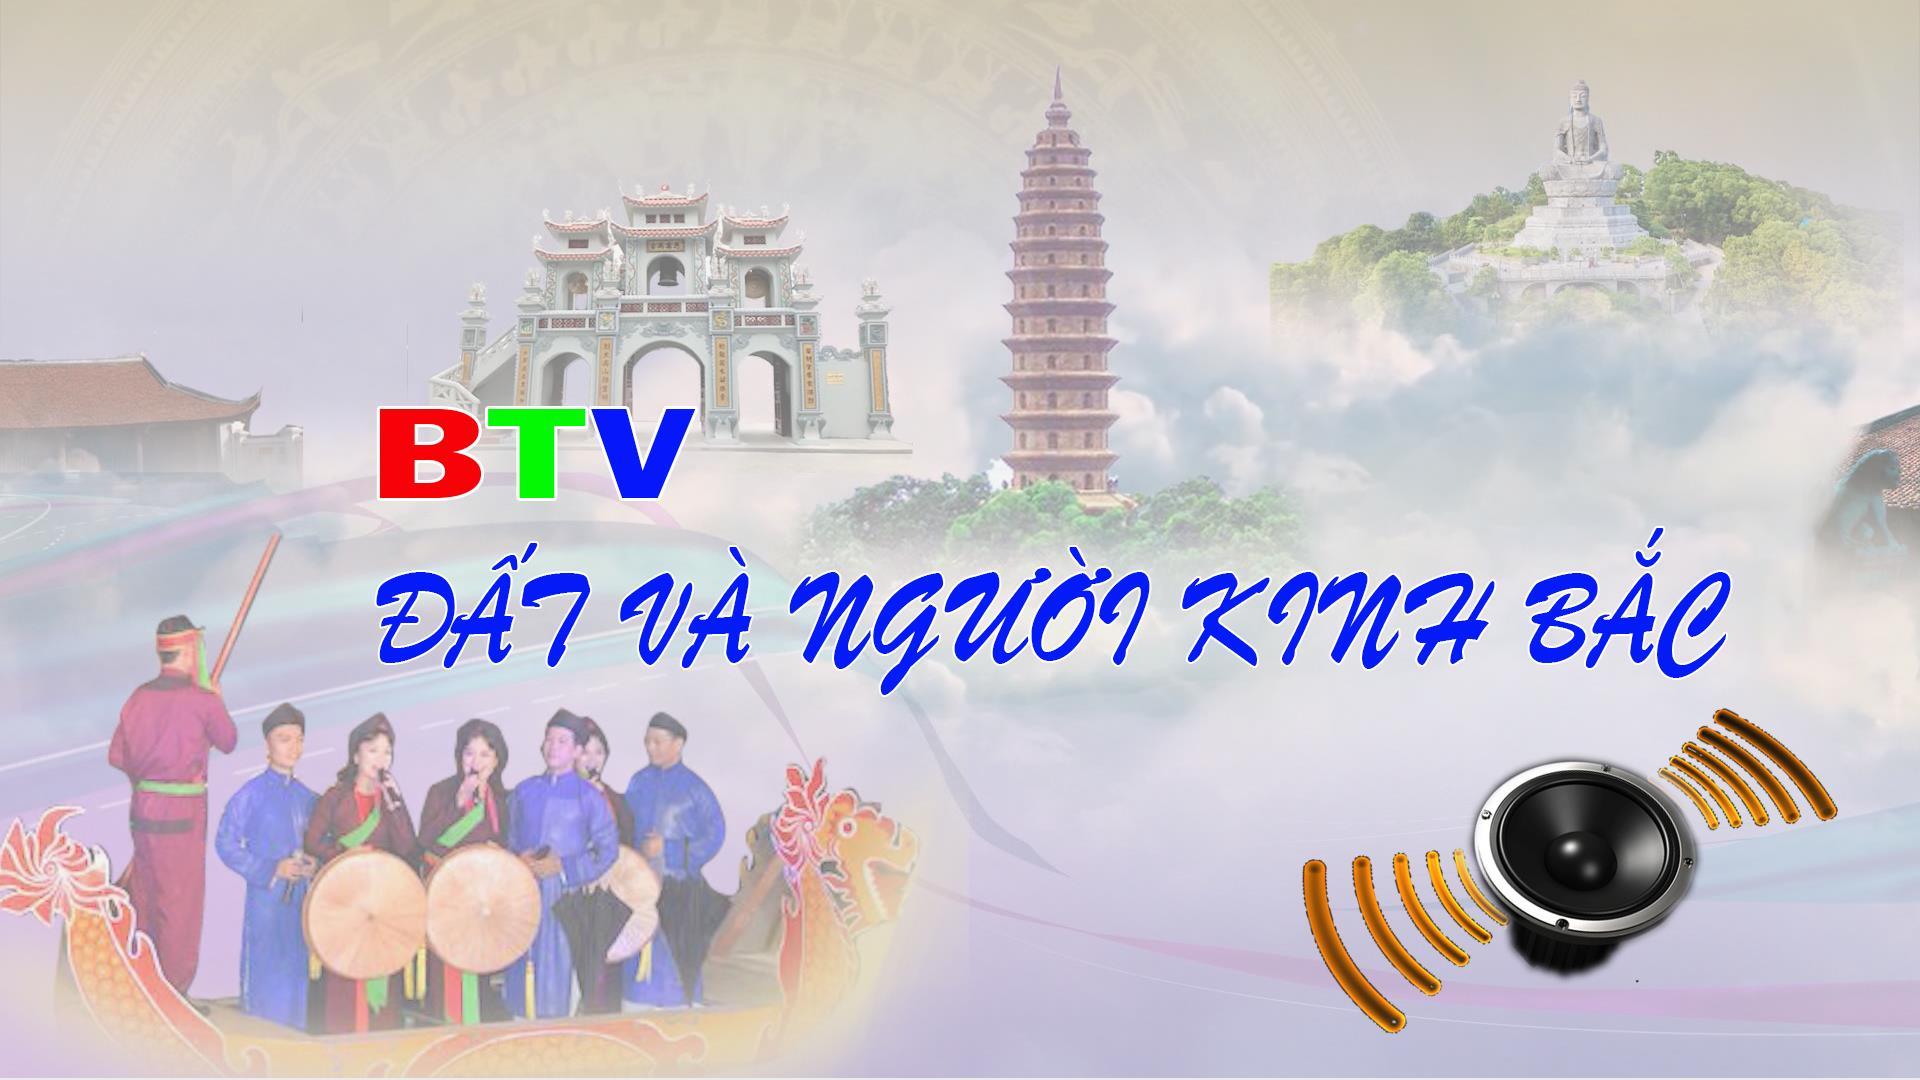 Chùa Hàm Long, phường Nam Sơn, thành phố Bắc Ninh